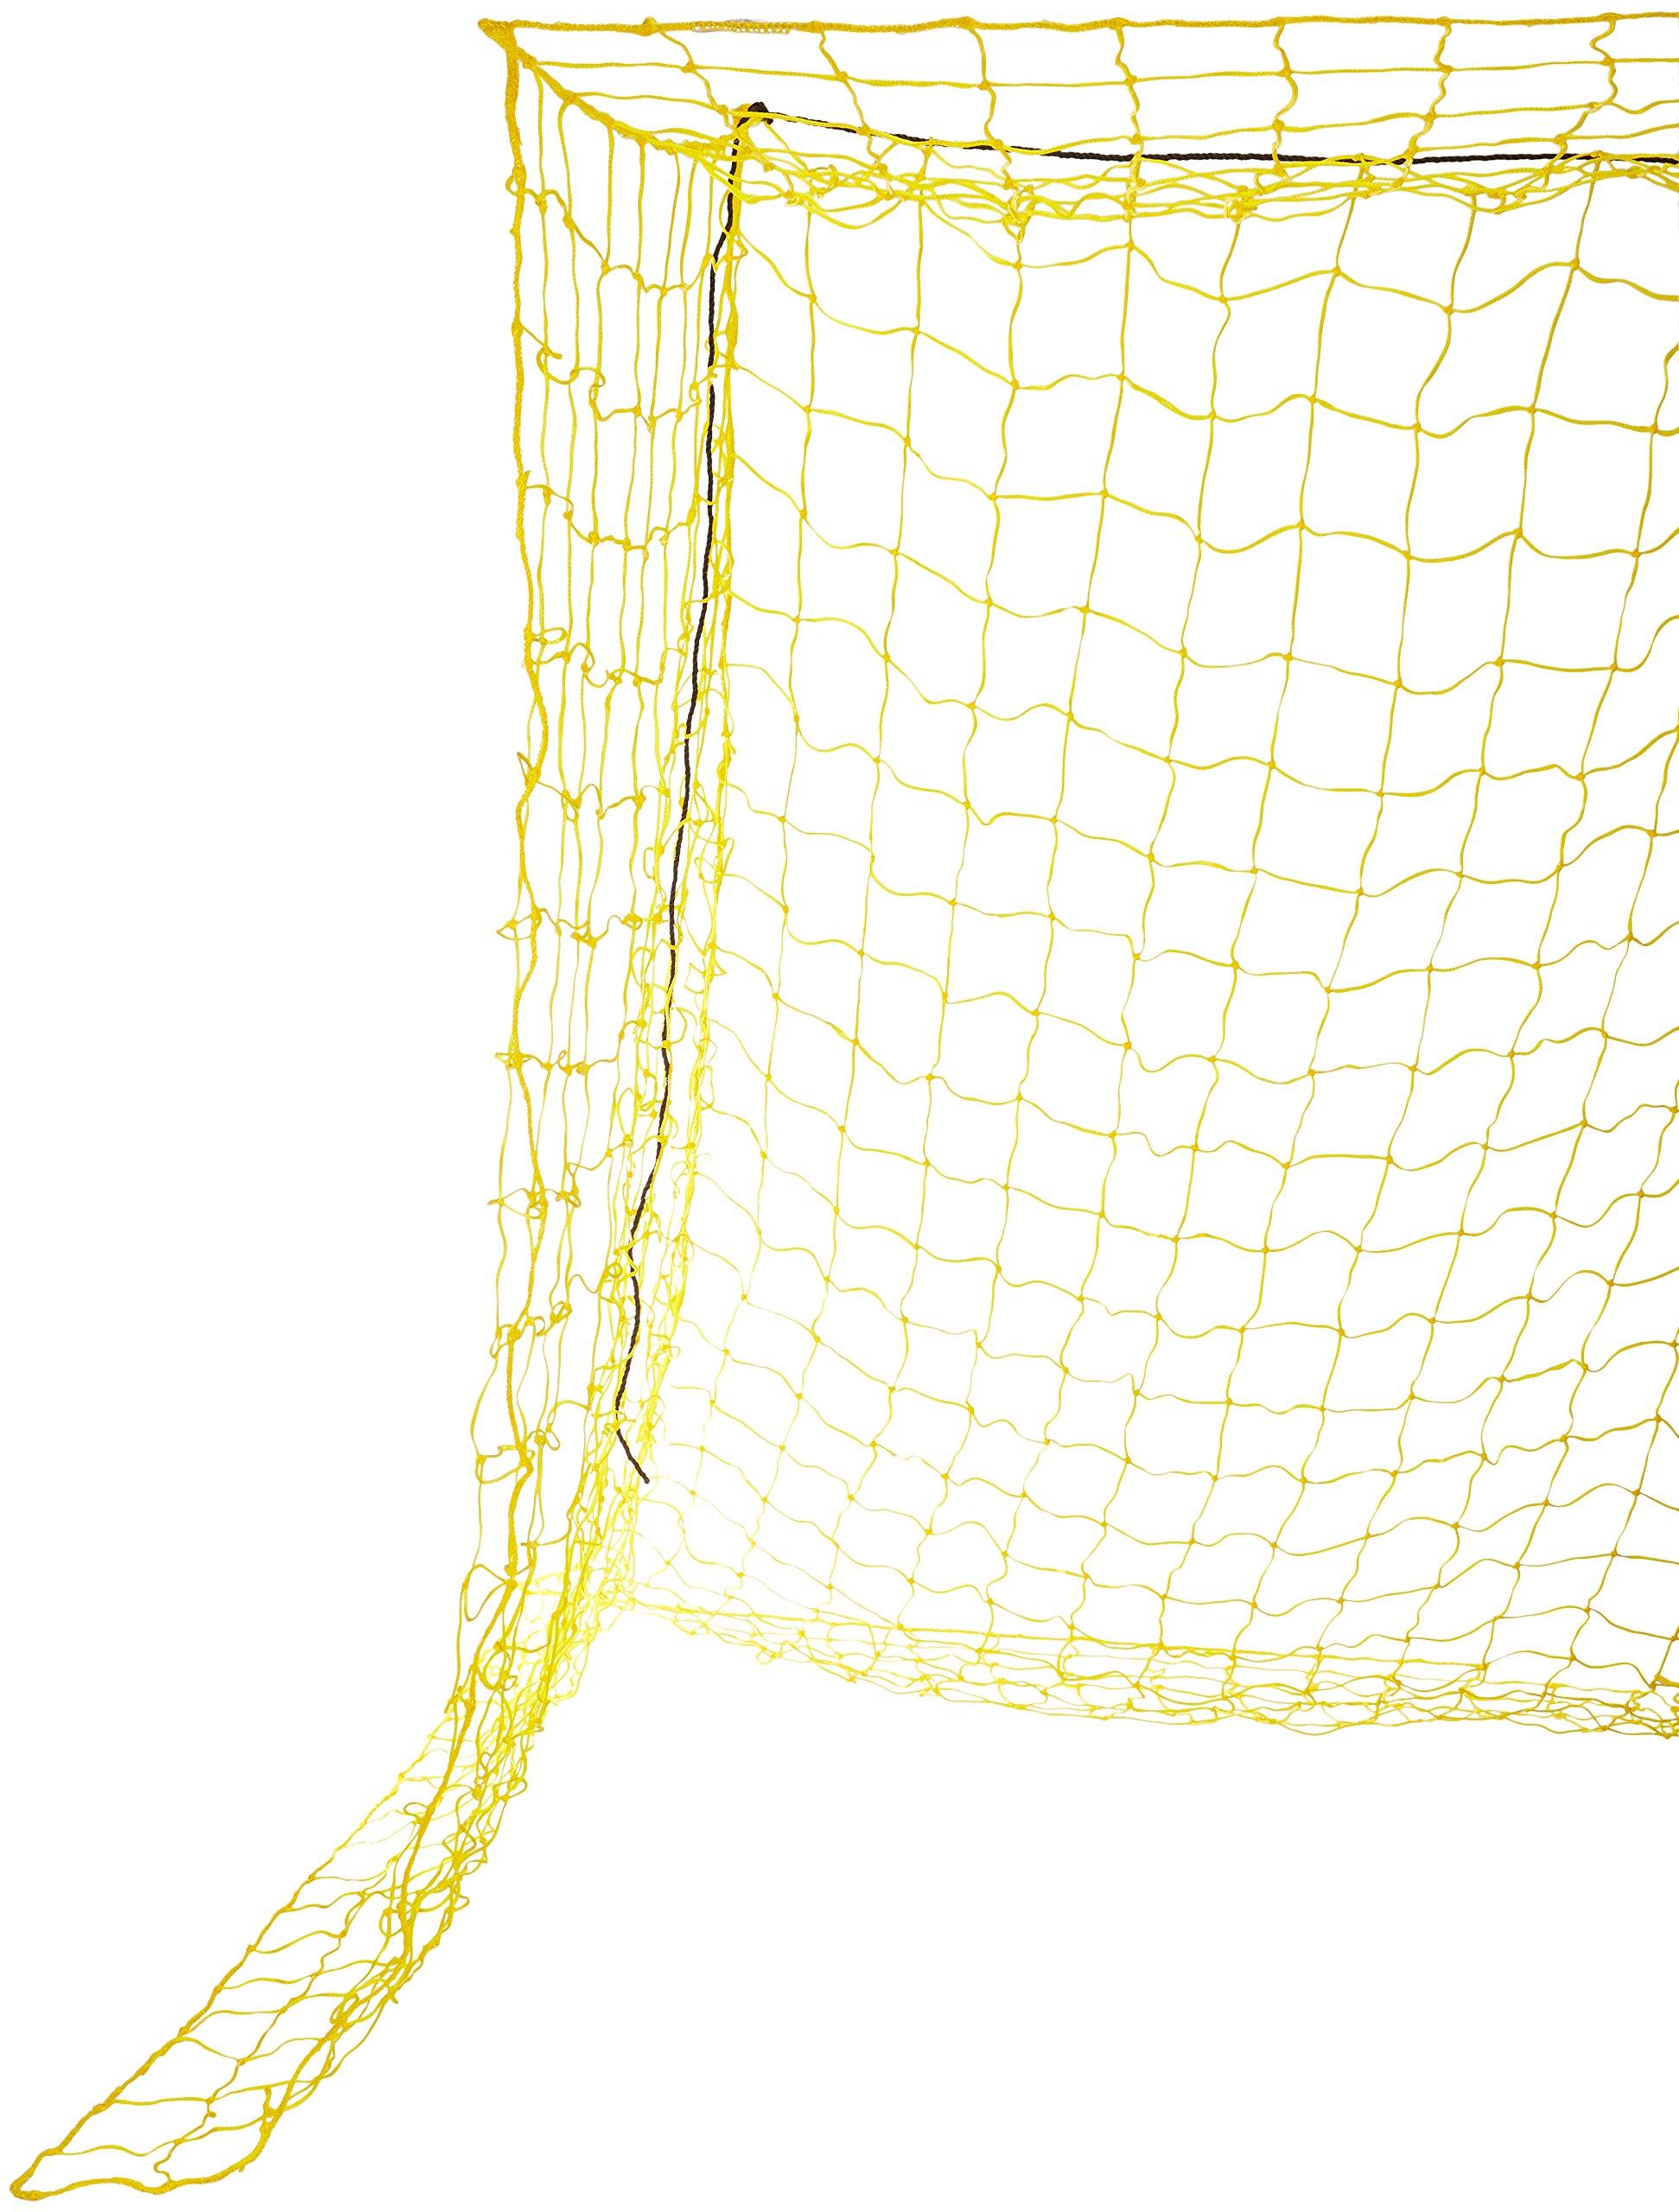 Goal Sporting Goods Soccer Net, 8x24x4x10-Feet/4mm, Yellow/Yellow